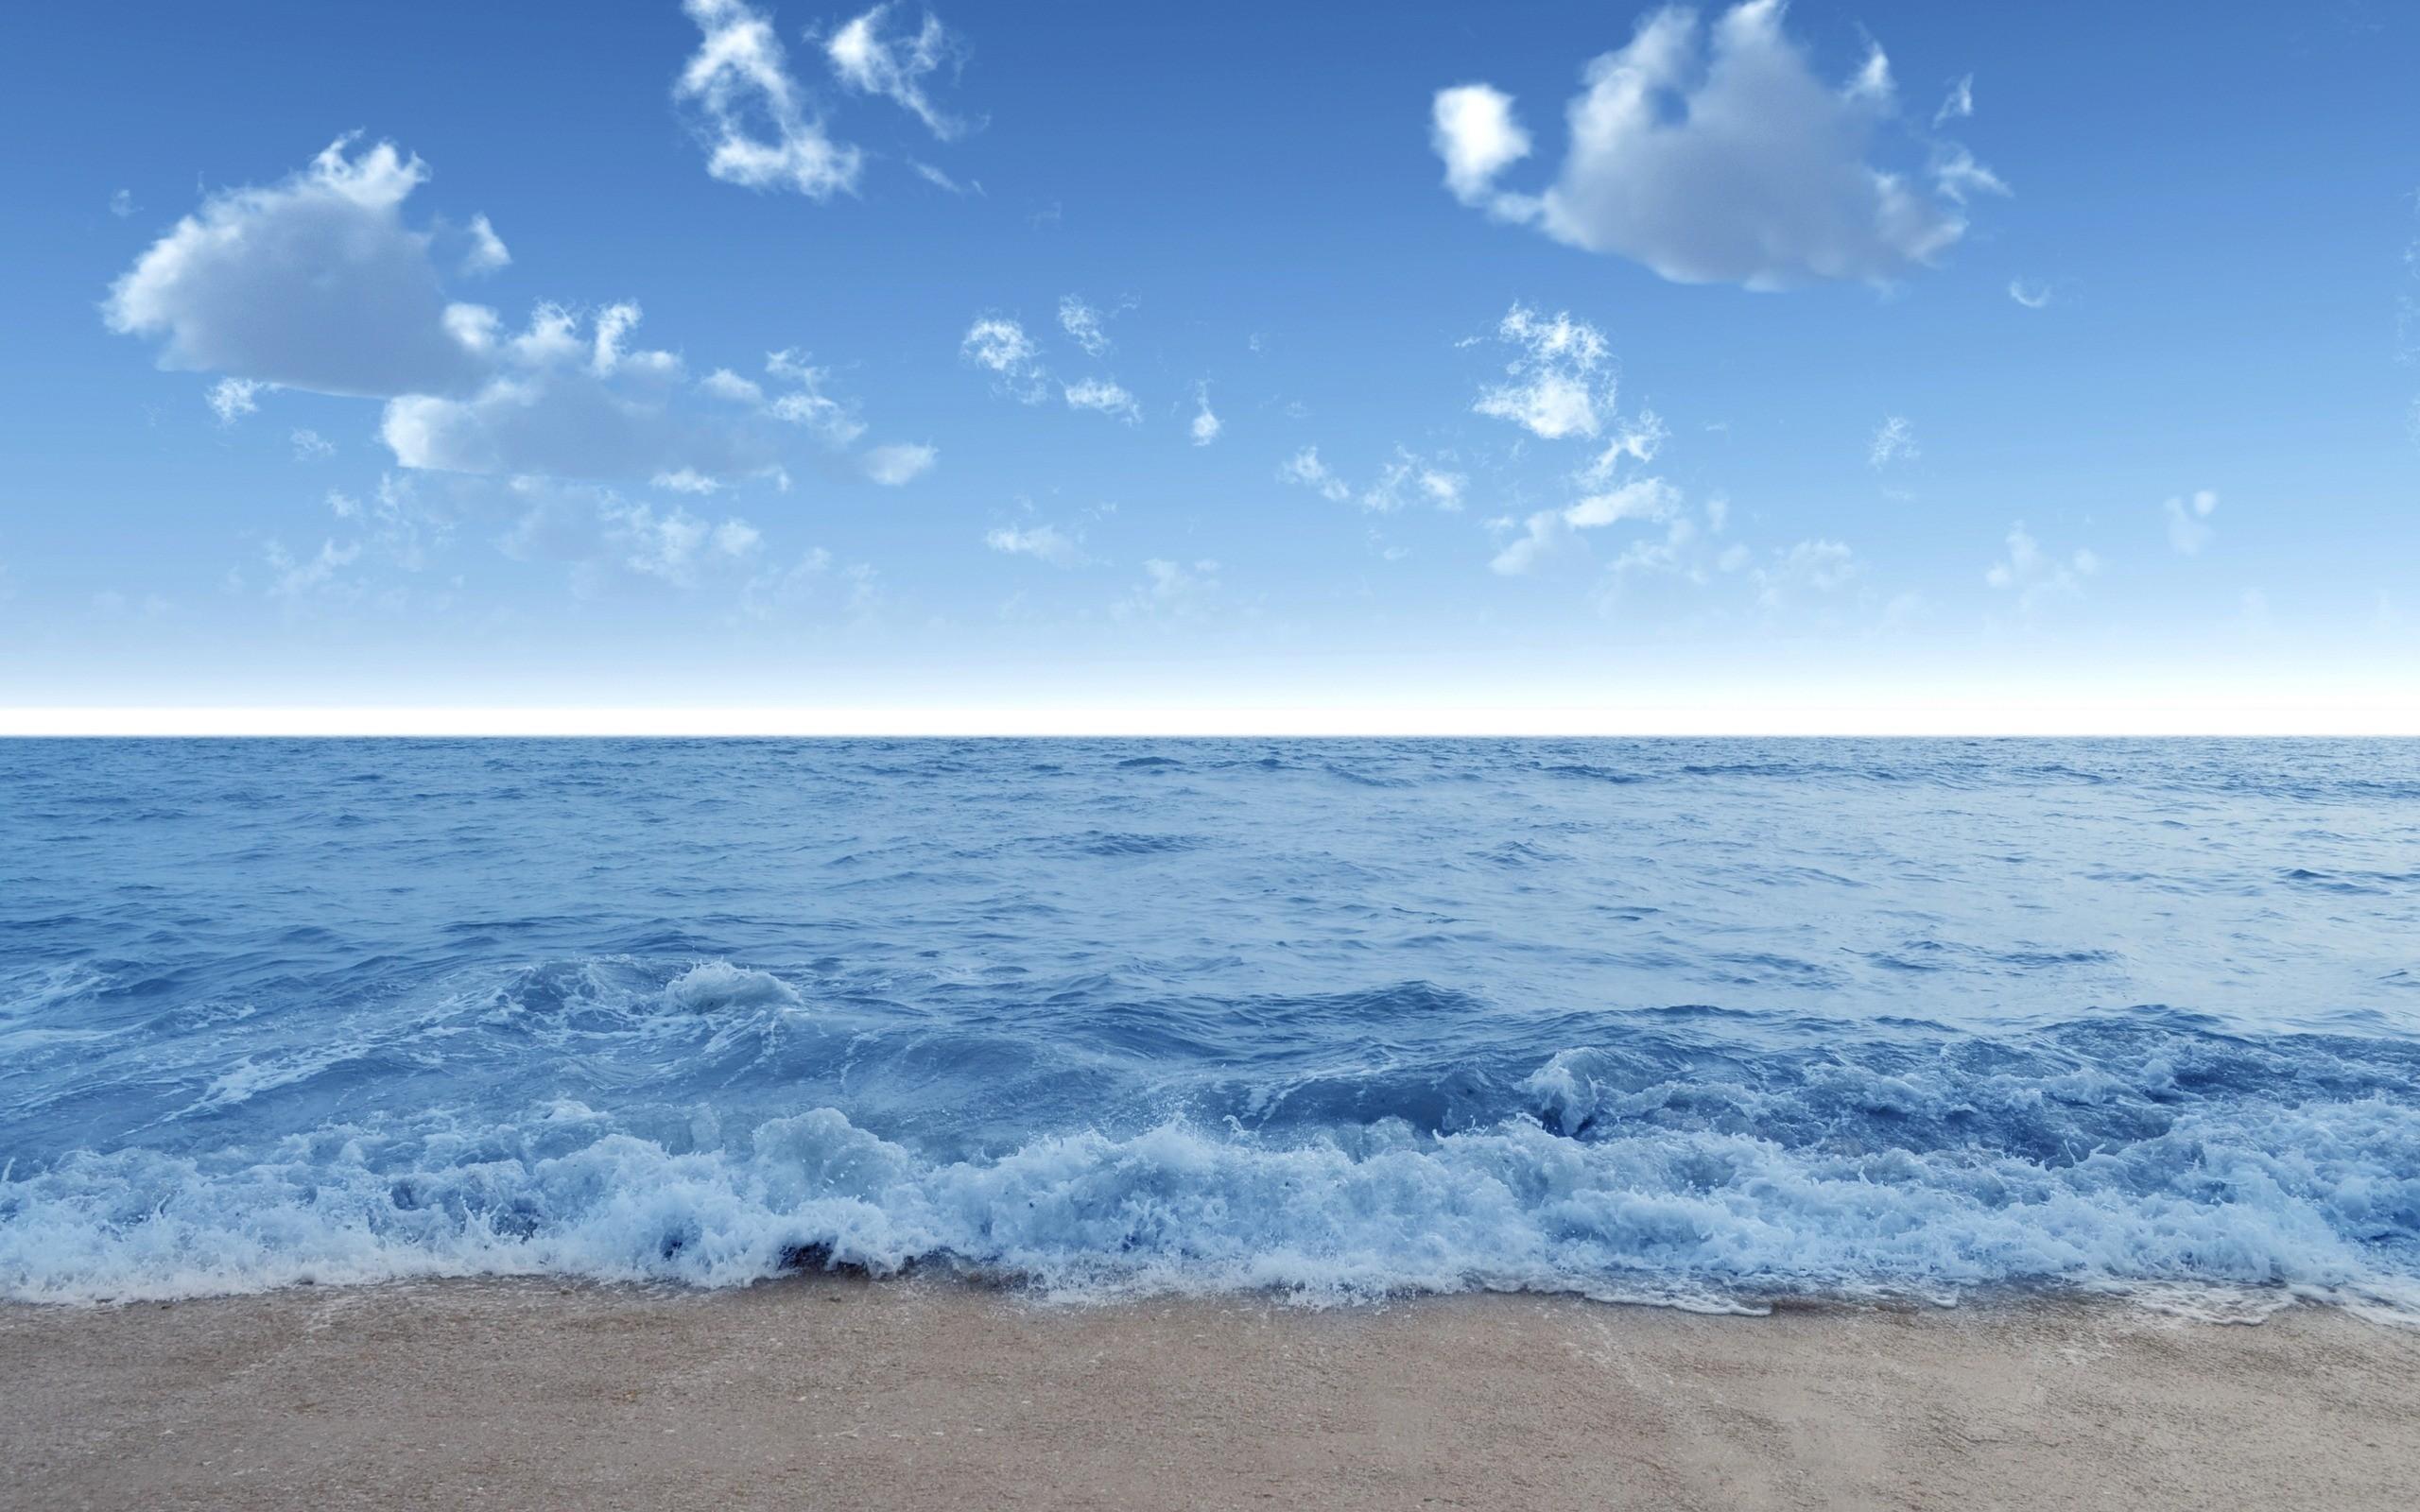 blue calm beach wallpaper 2560x1600 1792 wallpaperup